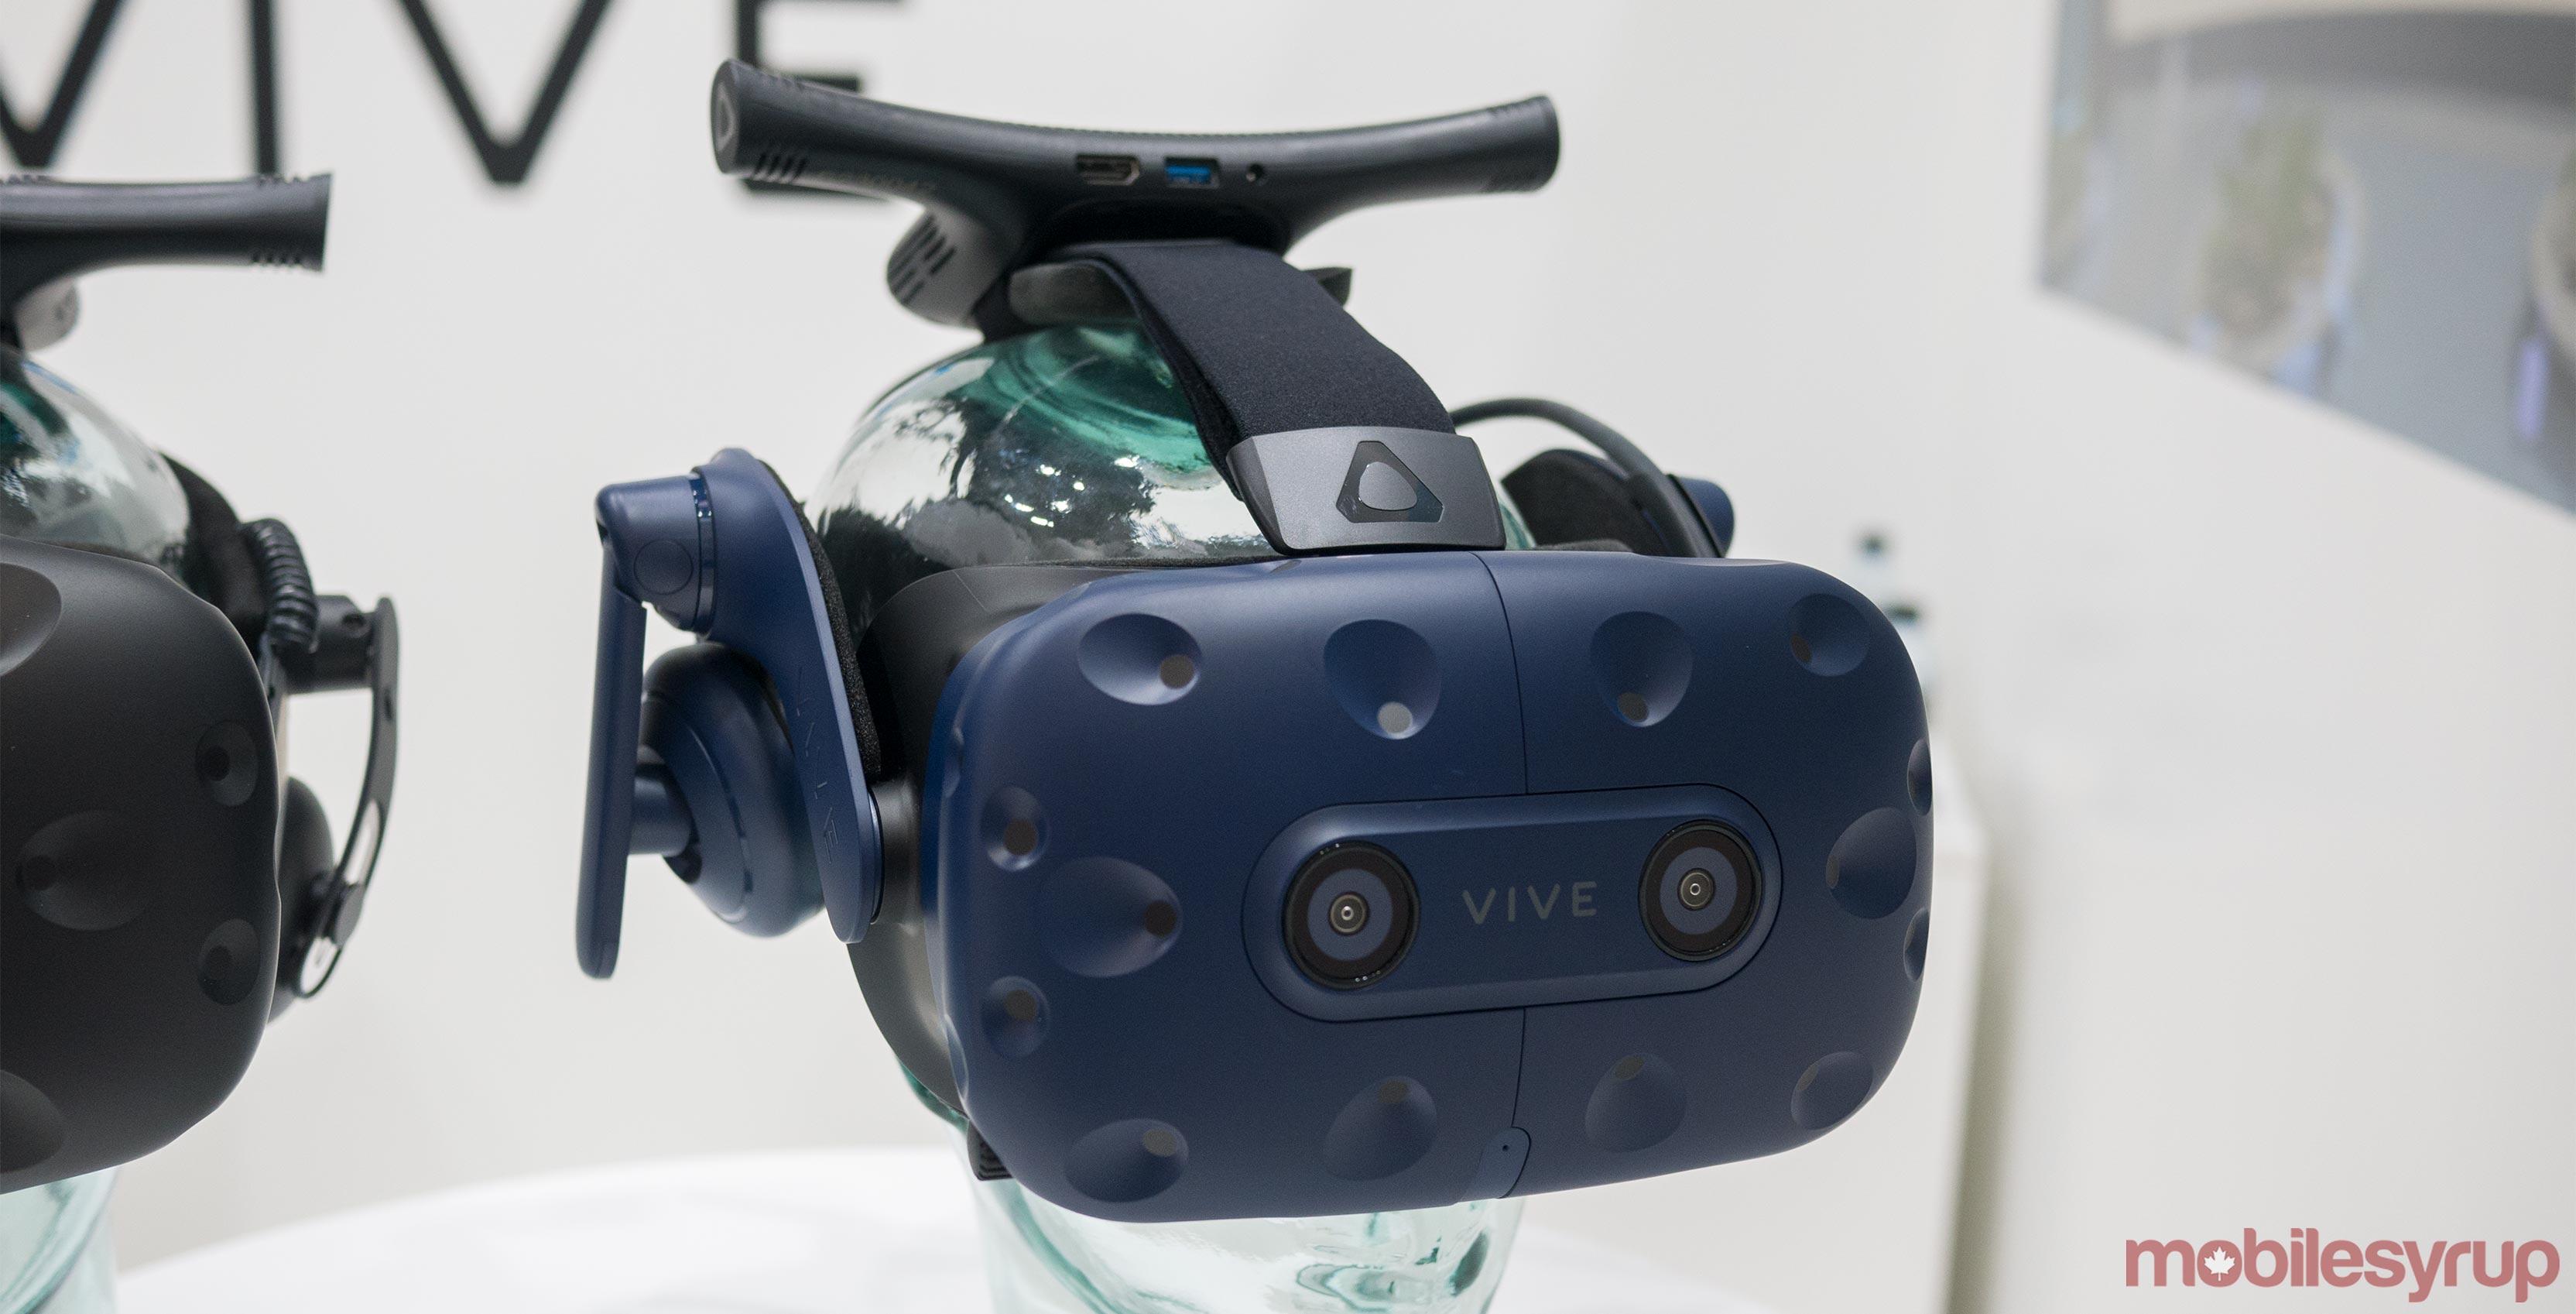 HTC Vive Pro front